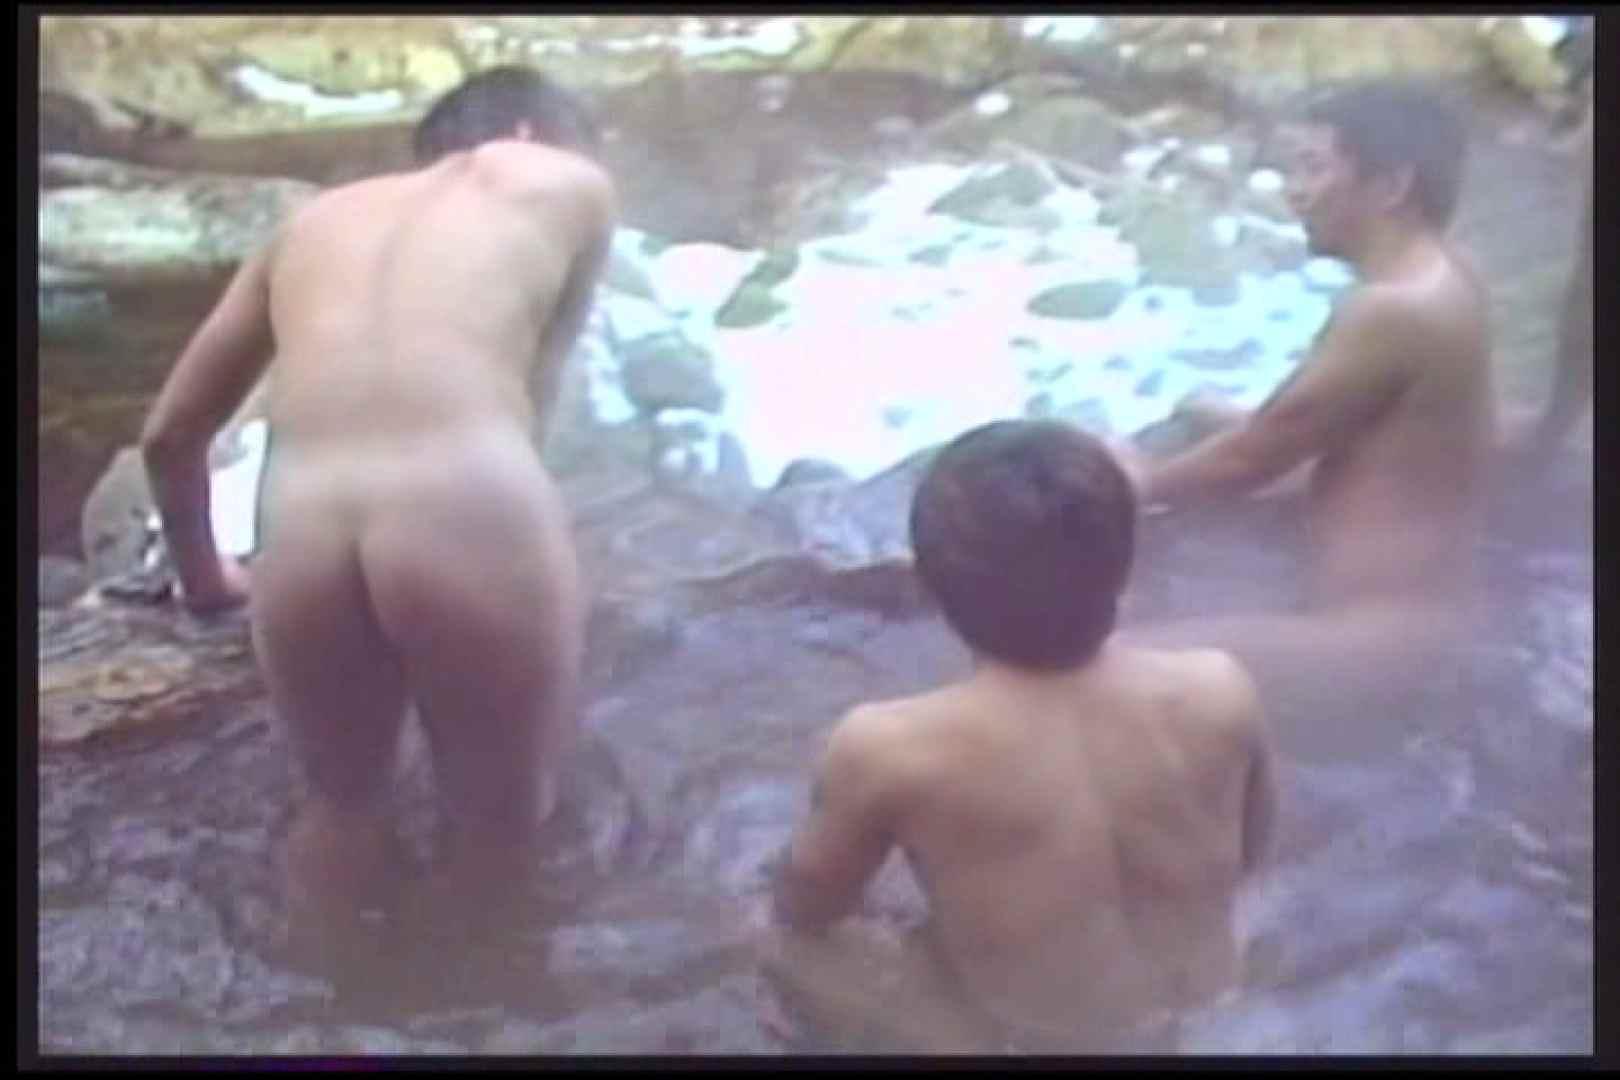 若人は元気!新歓合宿にておふざけ特集VOL.01 スジ筋系男子 ゲイエロ画像 98枚 76